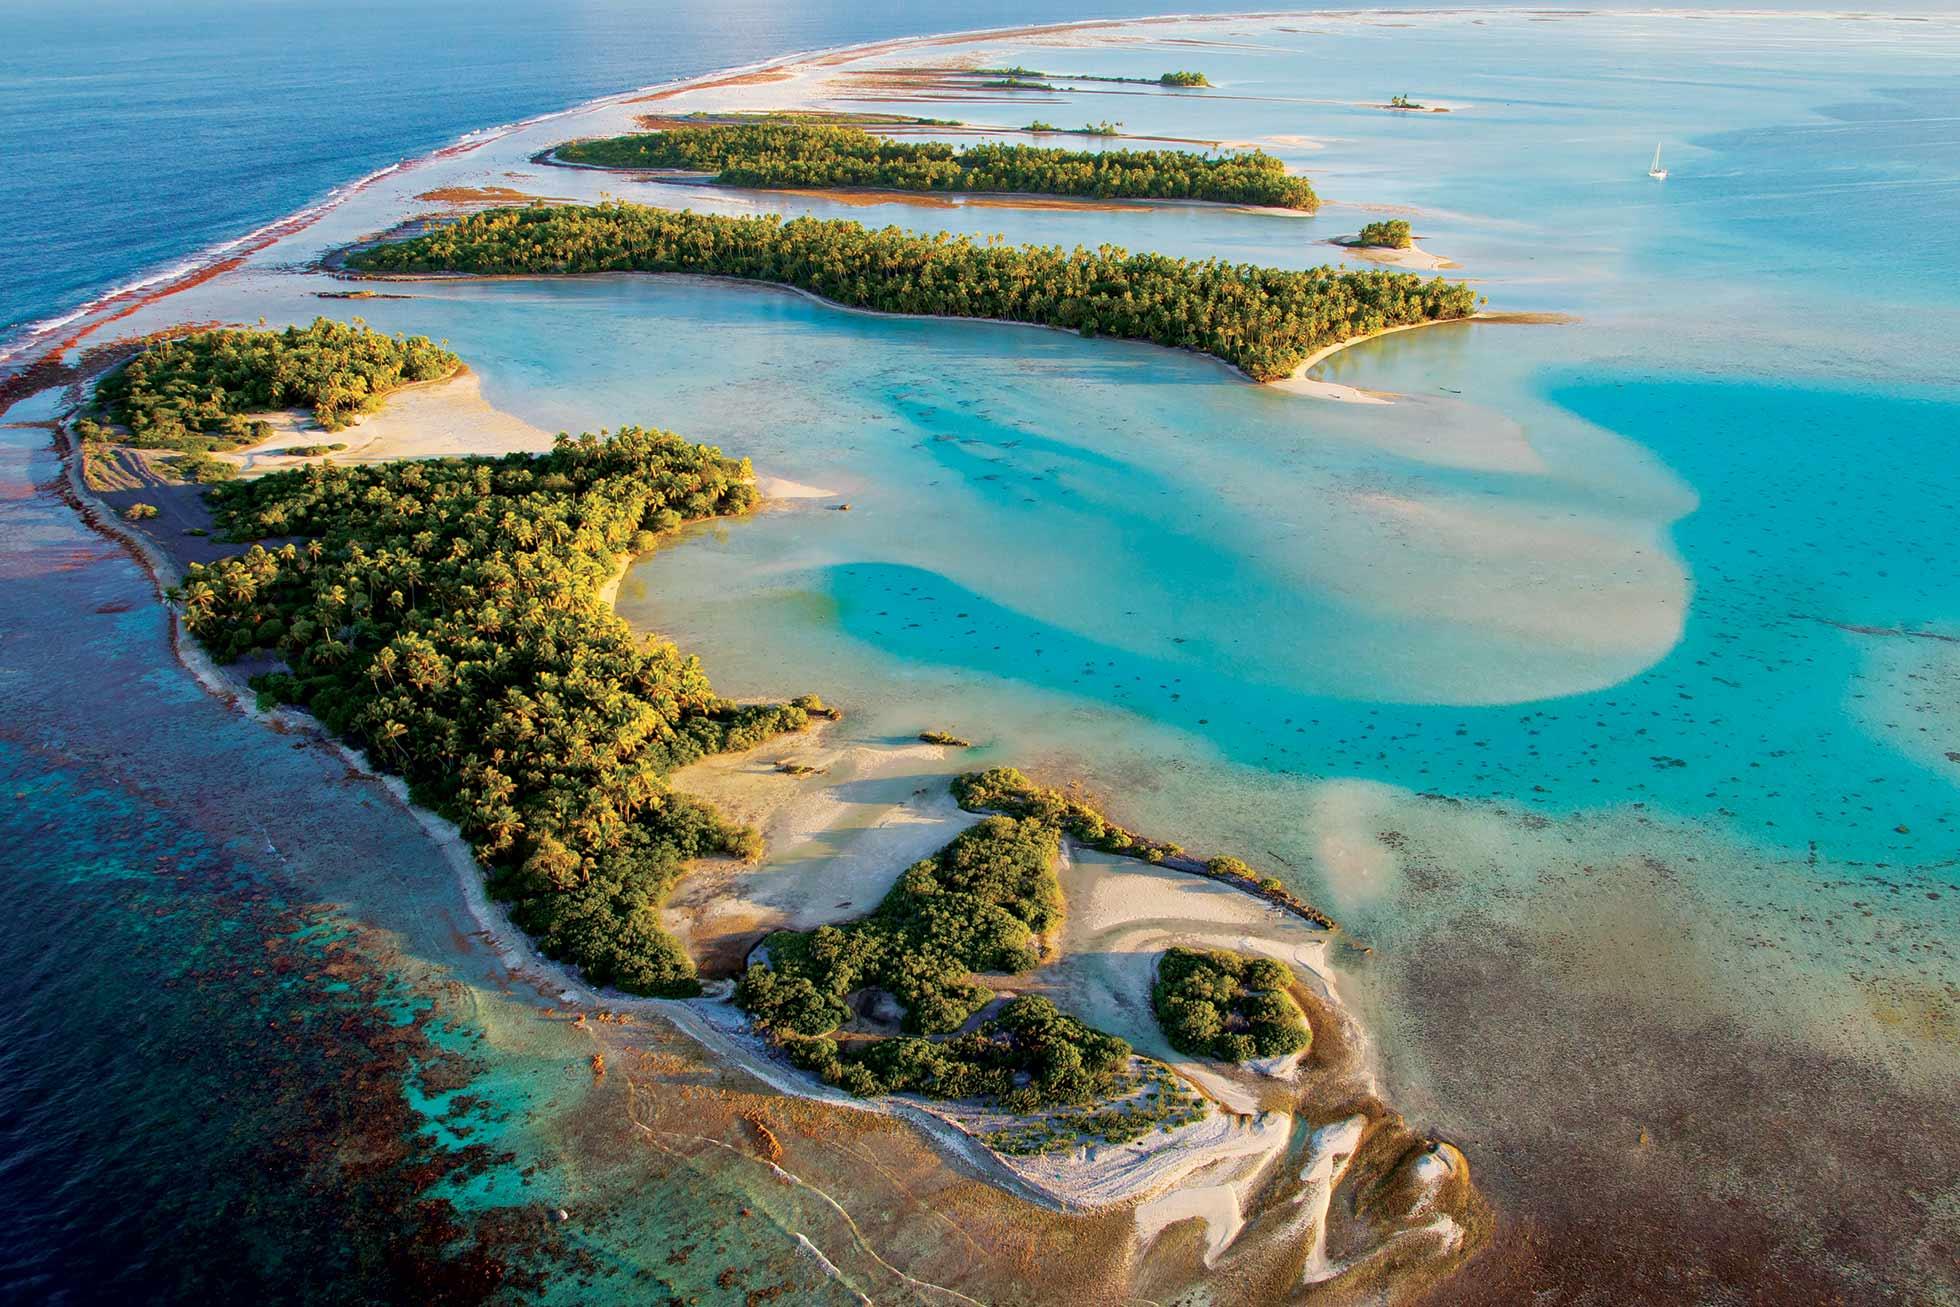 L'atoll de Fakarava en Polynésie française, un des hauts lieux de la plongée sous-marine ©Ben Thouard